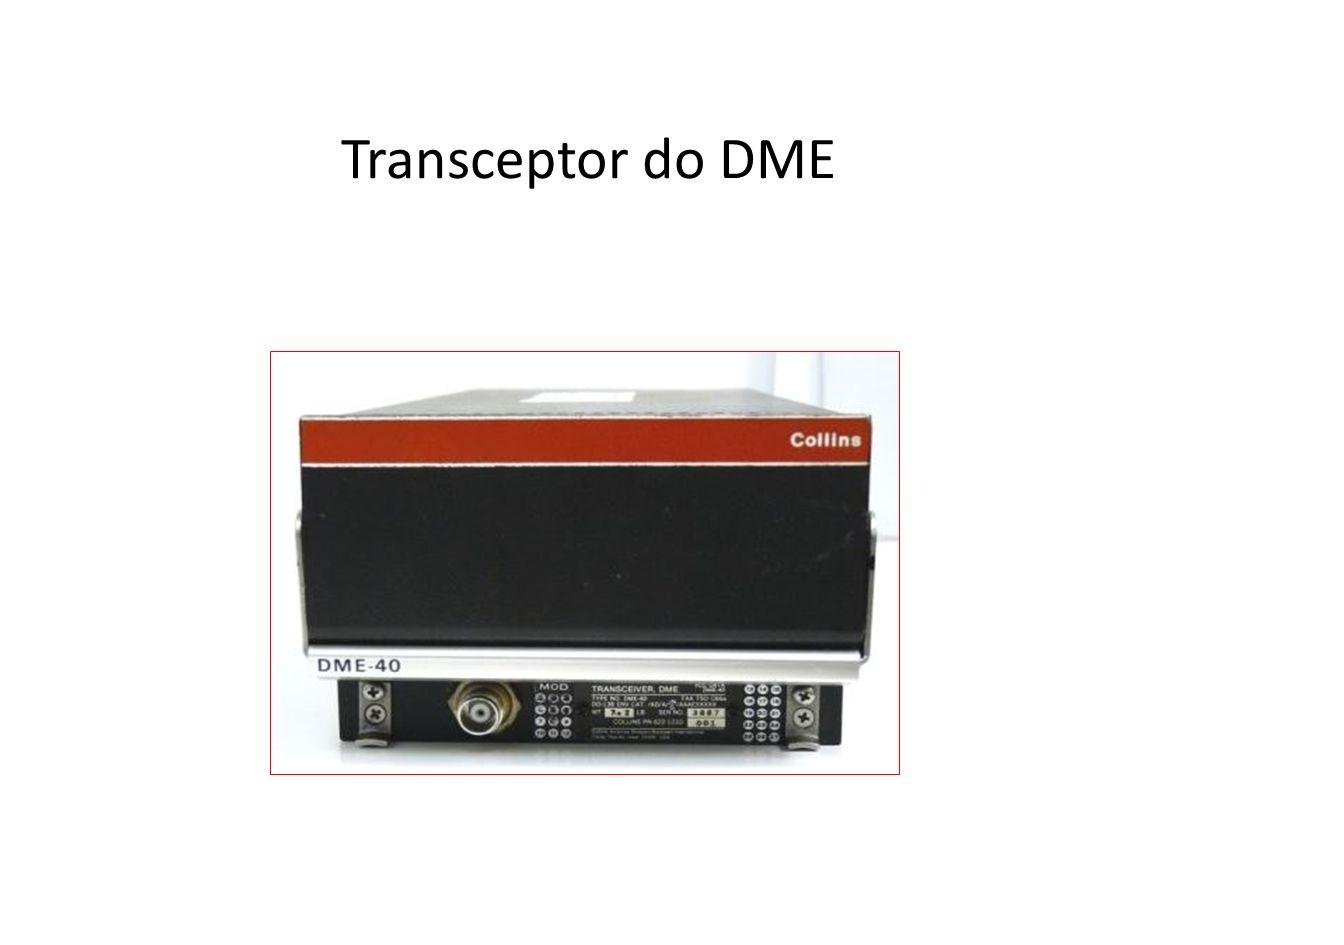 Antena do DME A fim de evitar interrupção na operação DME, a antena deve ser instalada num ponto que não fique bloqueado pela asa, quando a aeronave estiver inclinada.